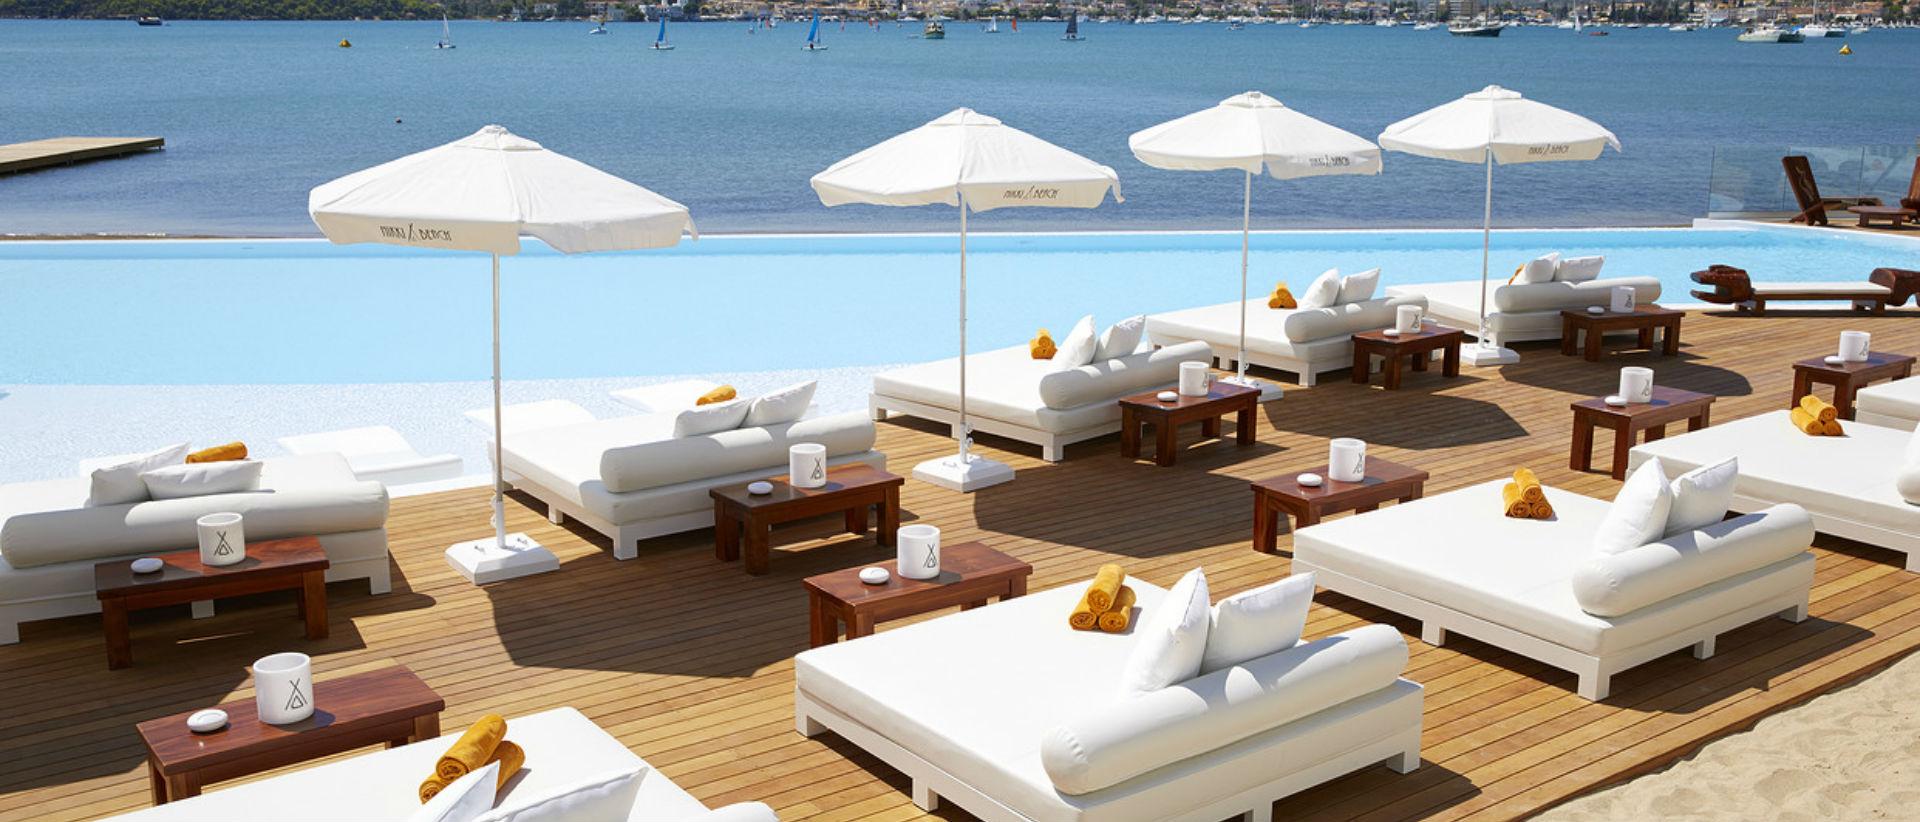 Ζήστε τη δική σας καλοκαιρινή εμπειρία στο Nikki Beach Resort & Spa.